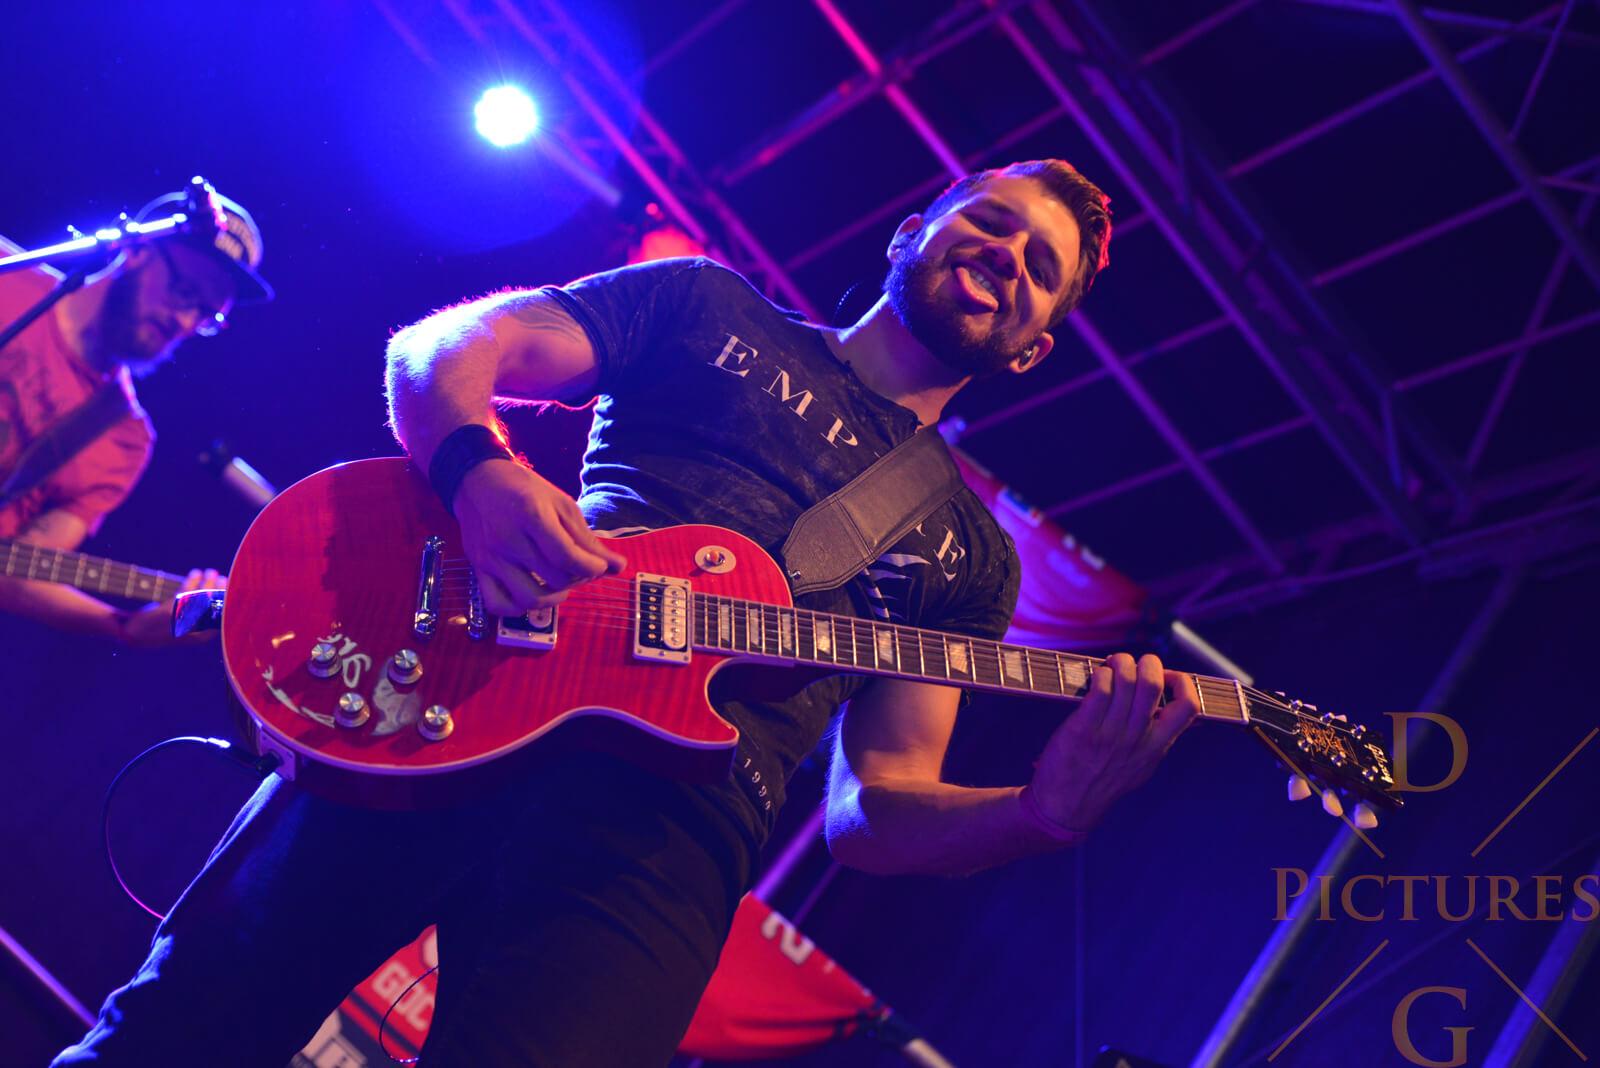 Patrick Vetter Gitarre Cracked Fire Band